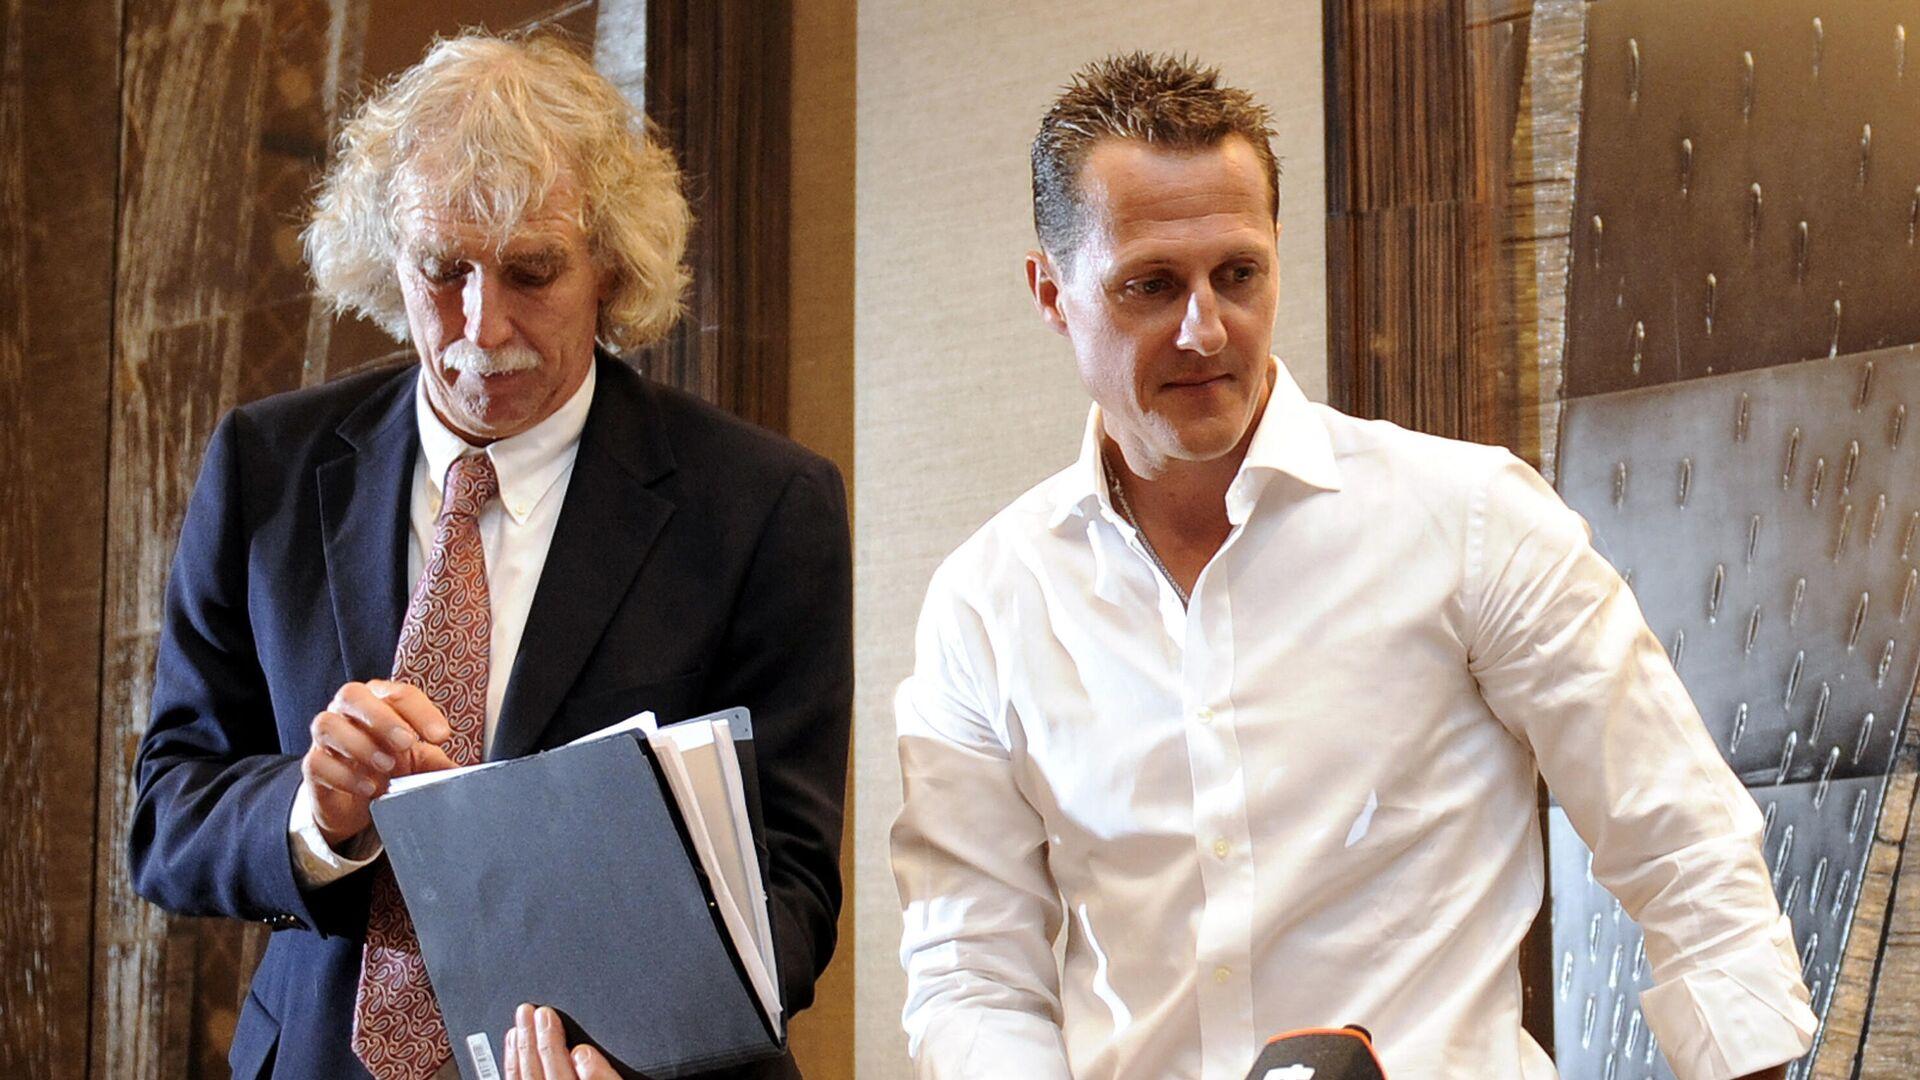 Michal Schumacher und sein Arzt Johannes Peil, August 2009, Genf  - SNA, 1920, 29.09.2021